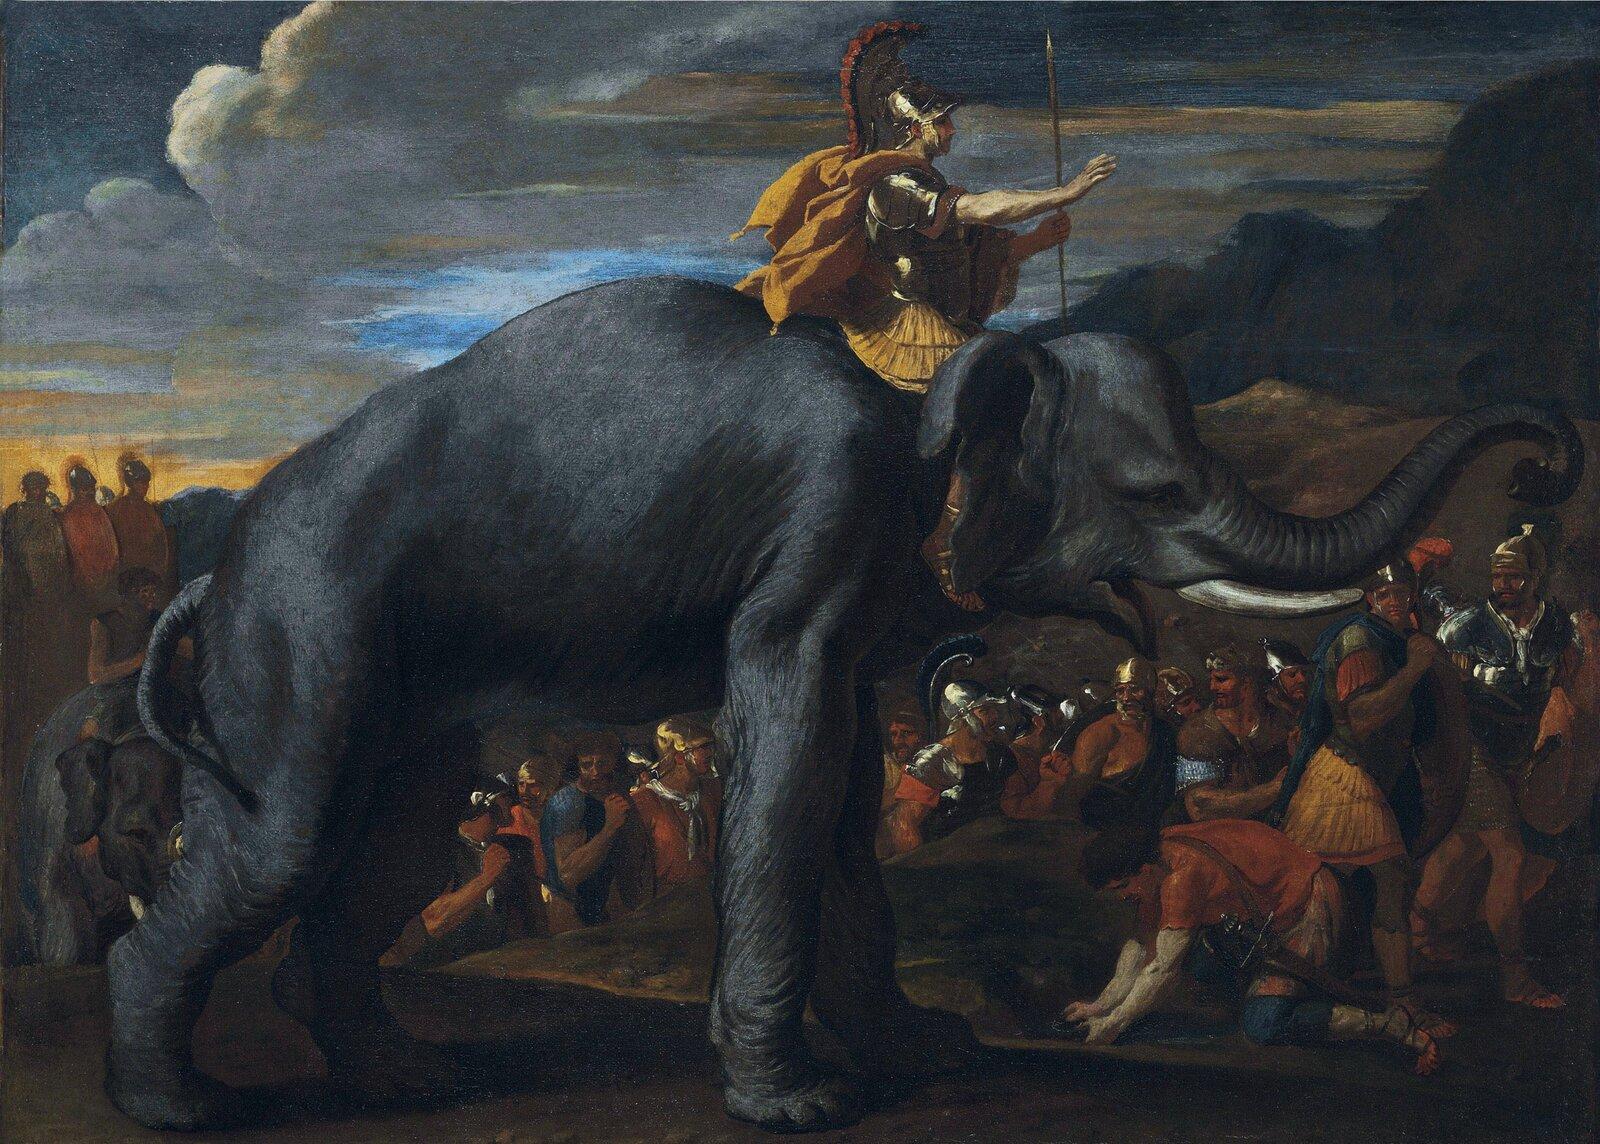 Kolorowy obraz przedstawiający żołnierzy idących do bitwy. Na pierwszym planie żołnierz wzłotym hełmie zpióropuszem, zwłócznią wdłoni jedzie na szarym słoniu.